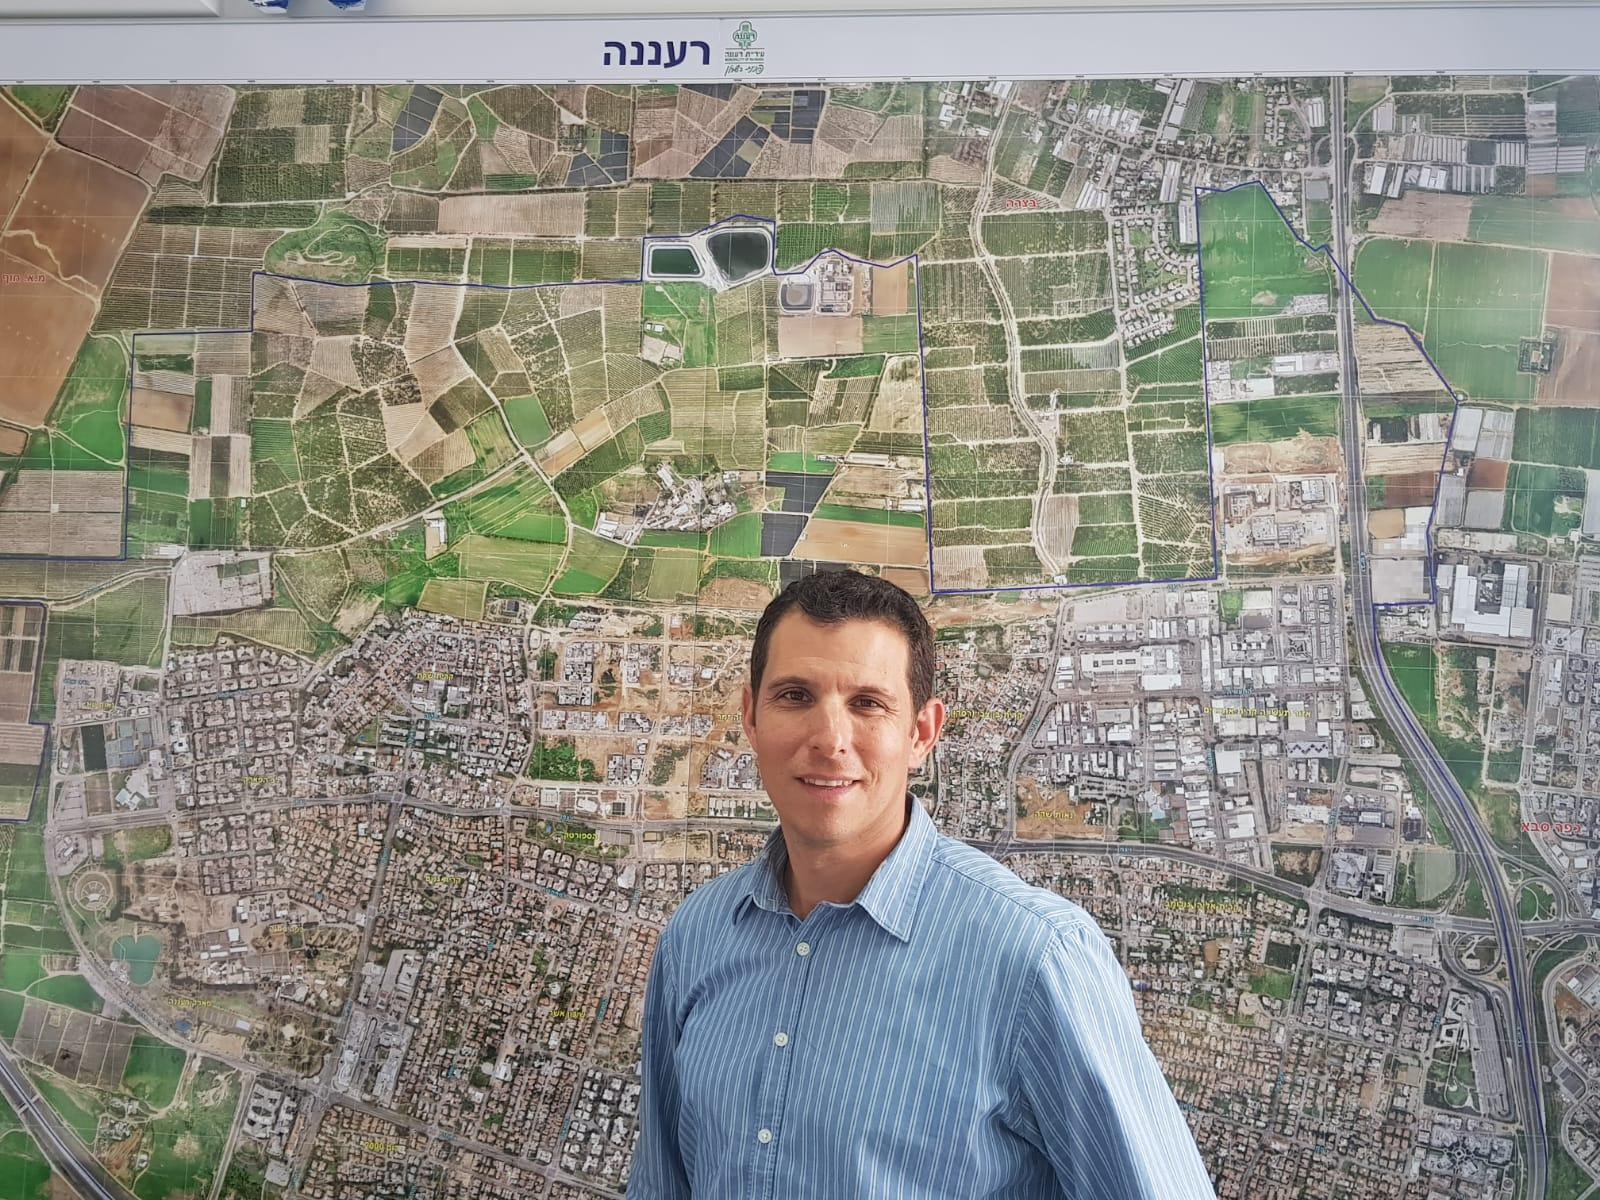 סיום תפקידו של תומר היימן, ראש מינהל ההנדסה בעיריית רעננה